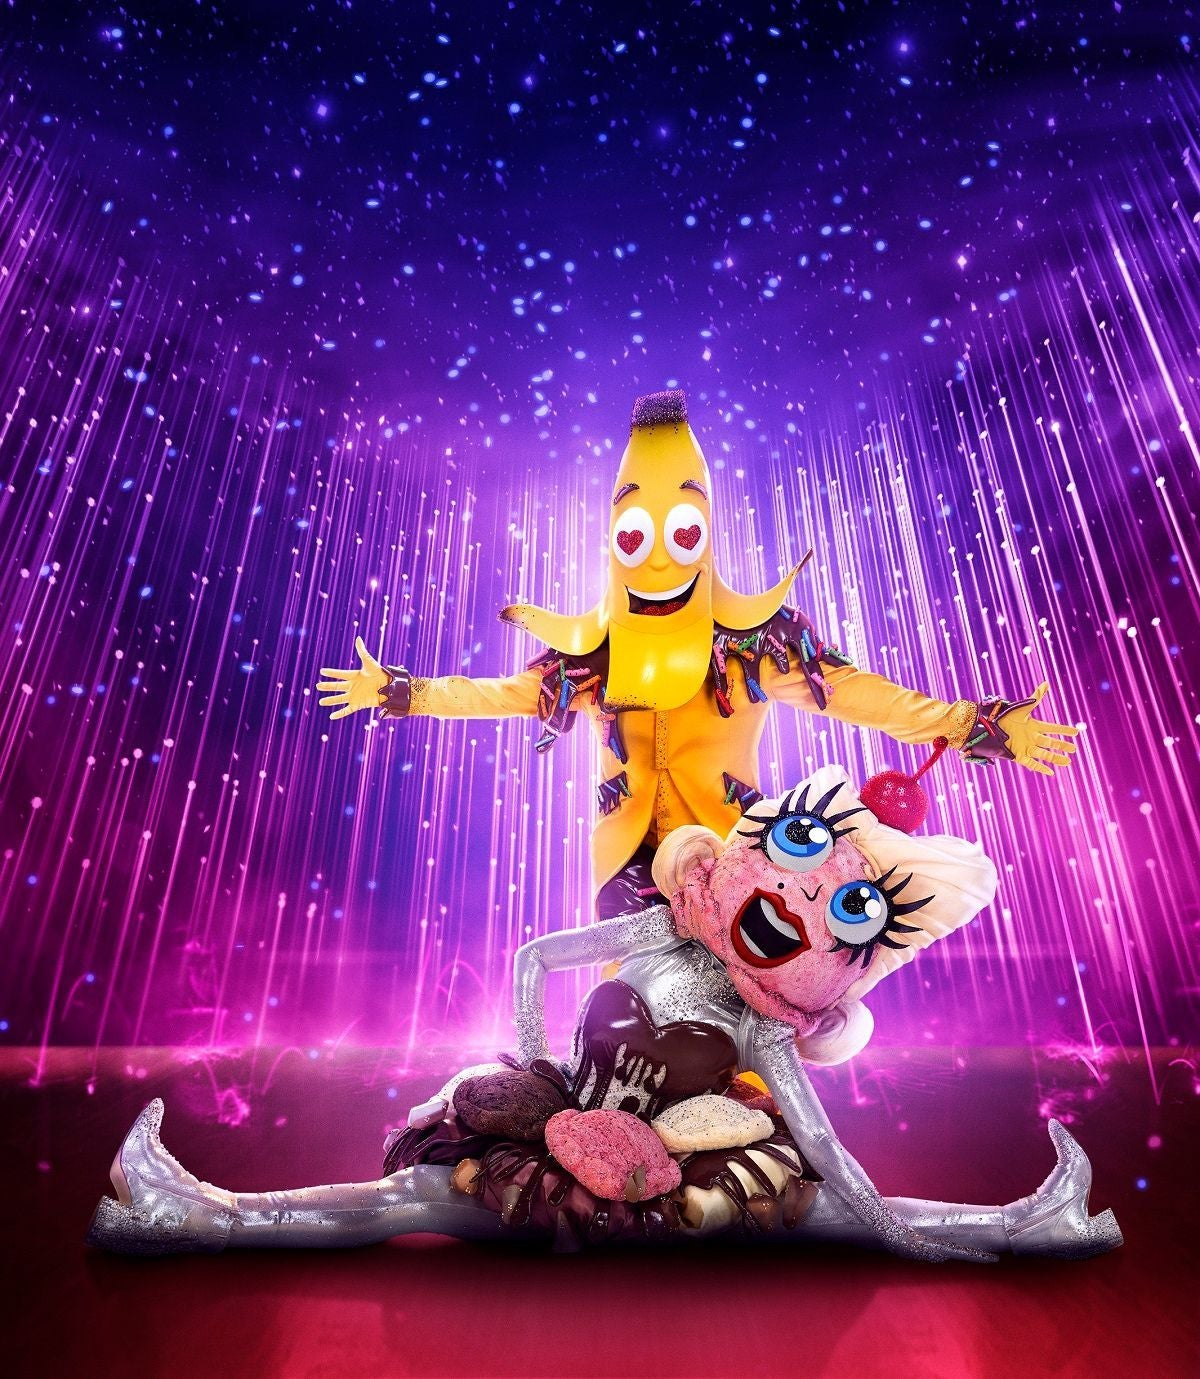 masked-singer-season-6-banana-split-fox